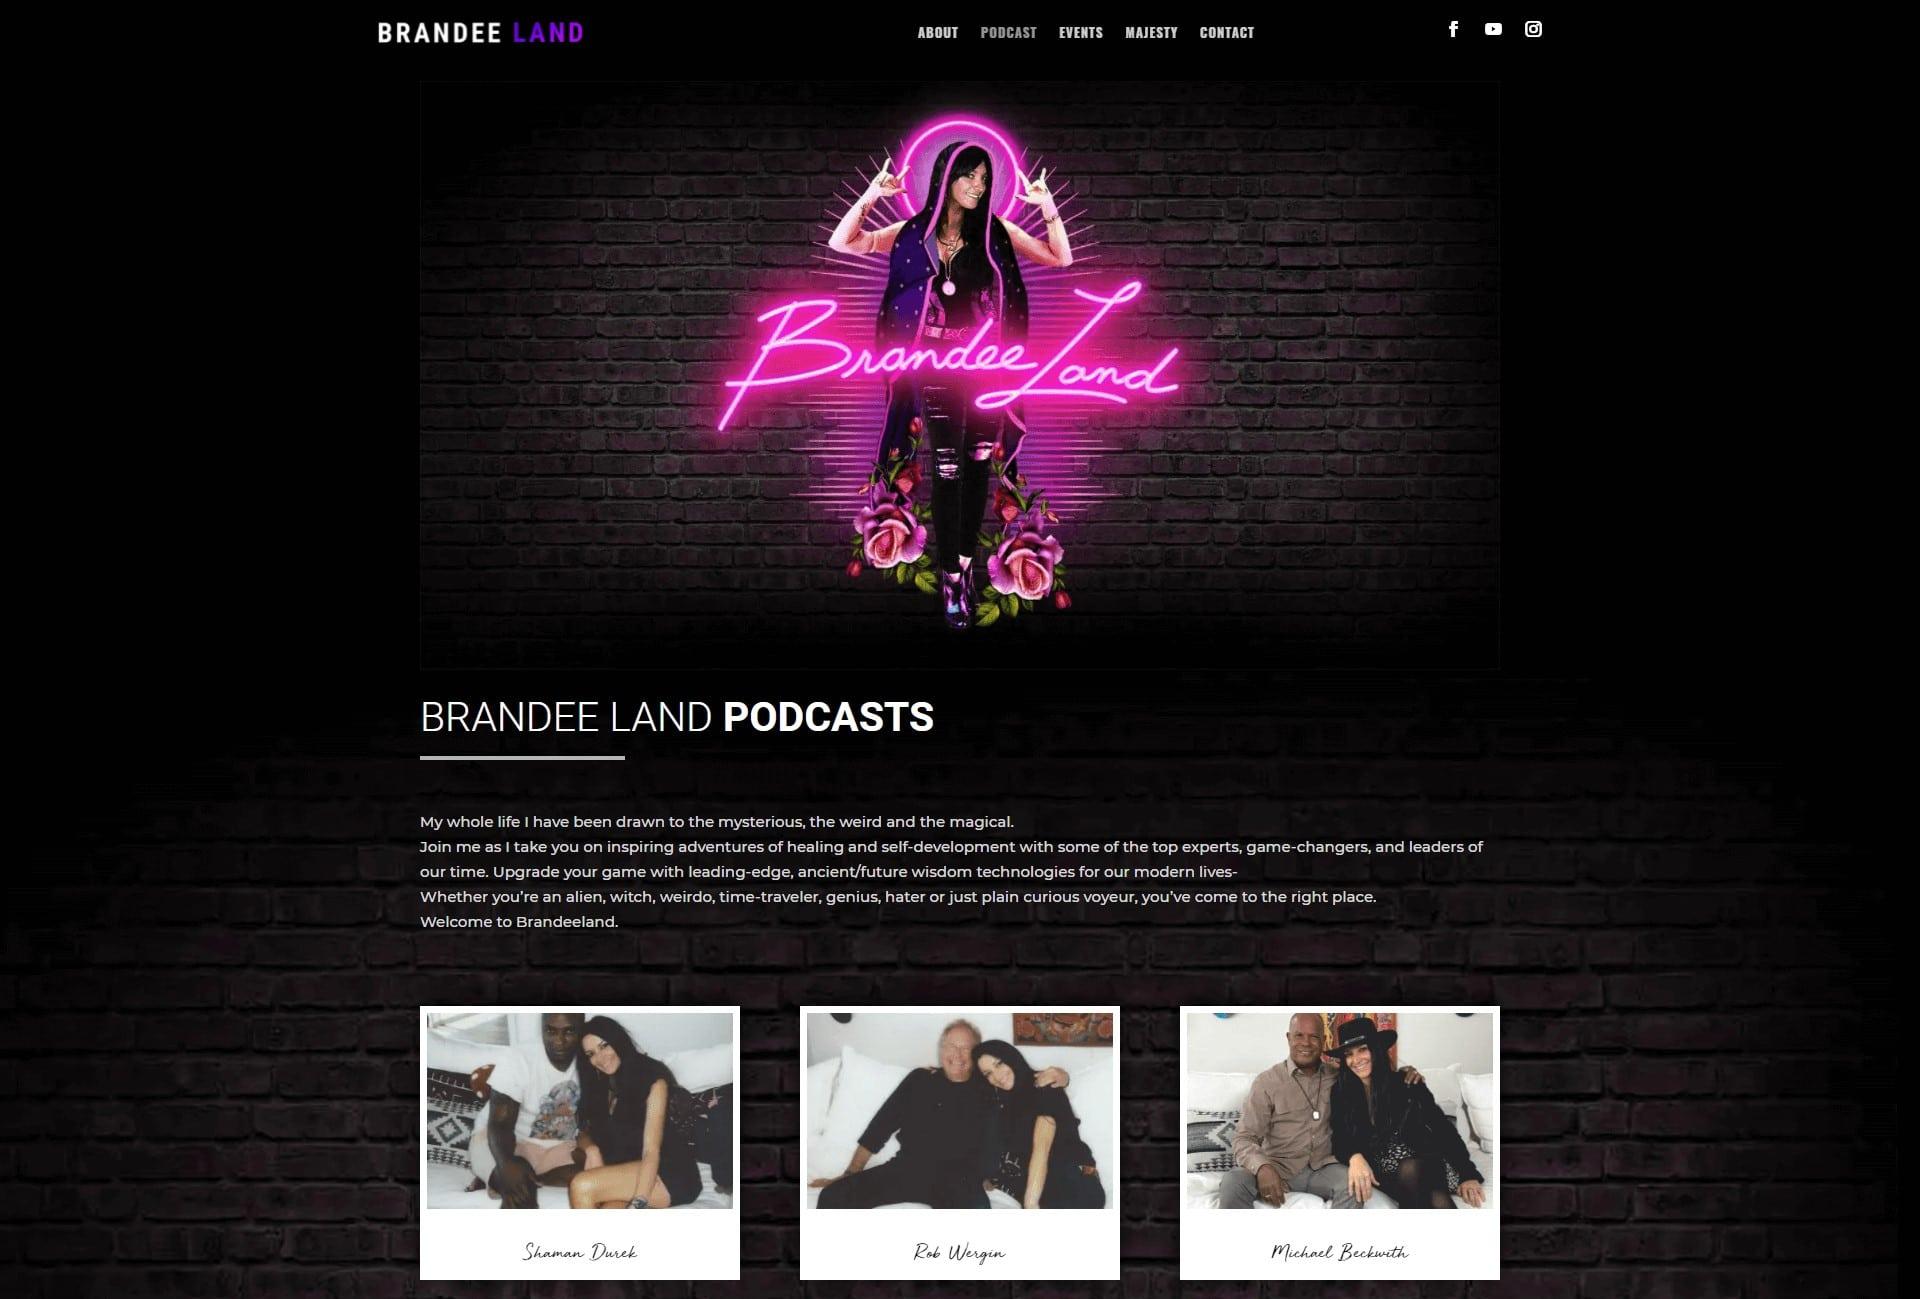 brandee land landing page